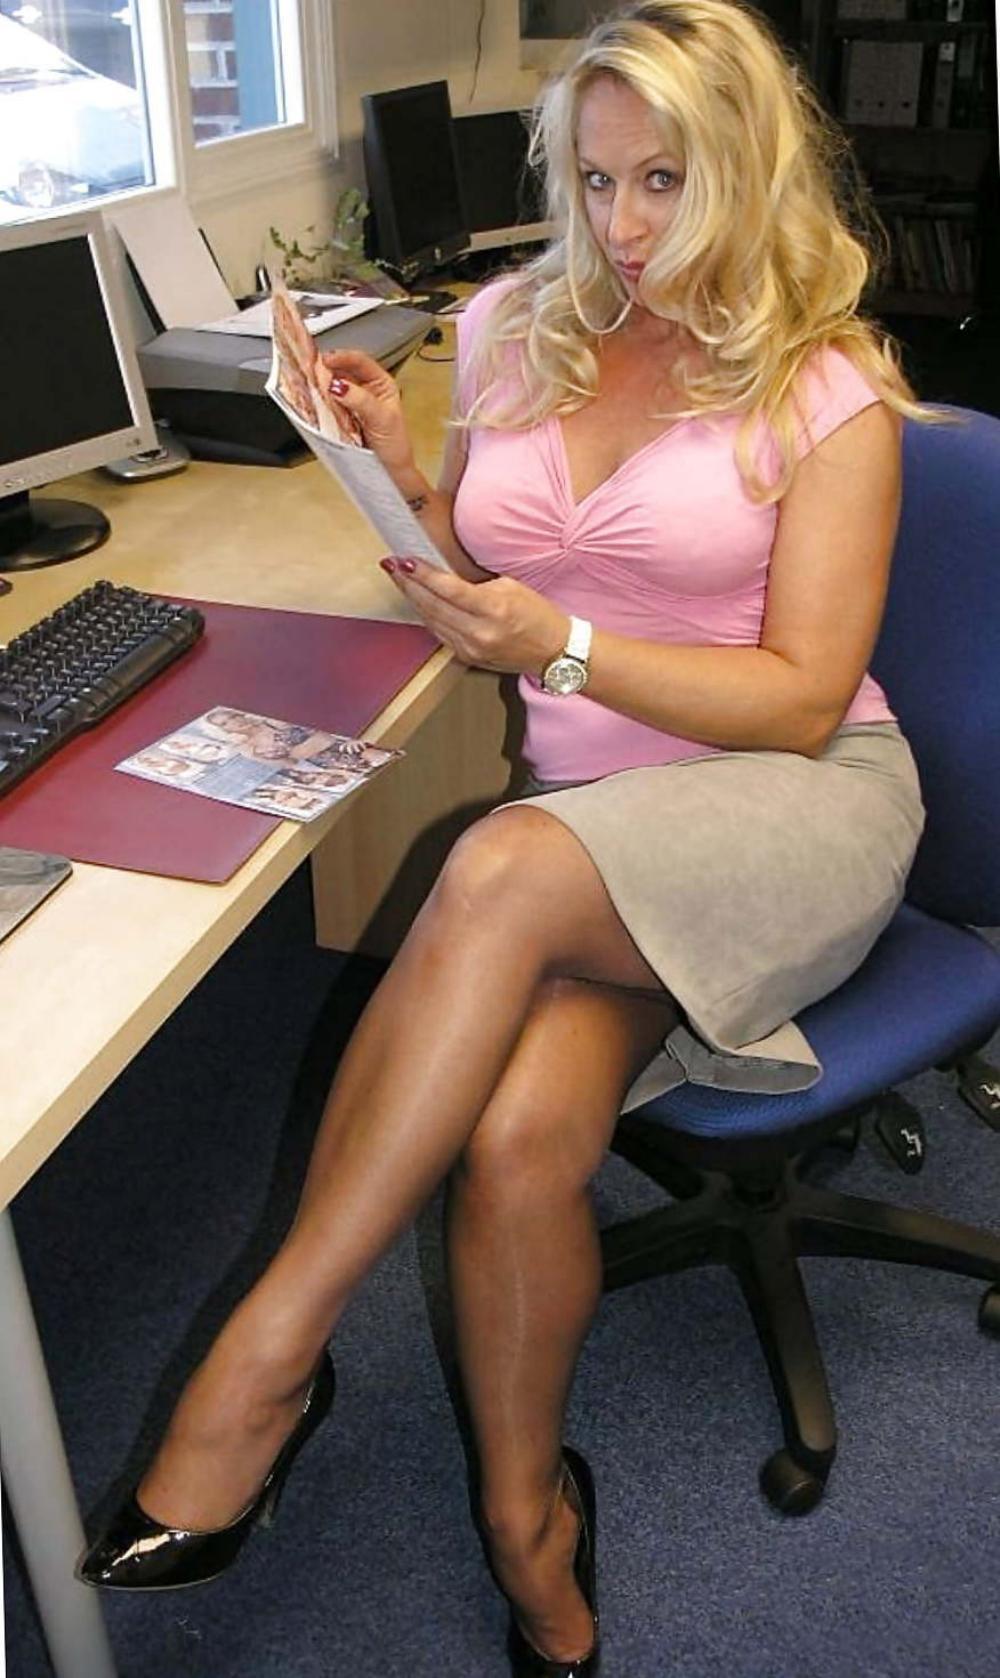 зрелые в коротких юбках в розовой кофточке с глубоким декольте, сидит нога закинута за ногу, туфли на каблуках